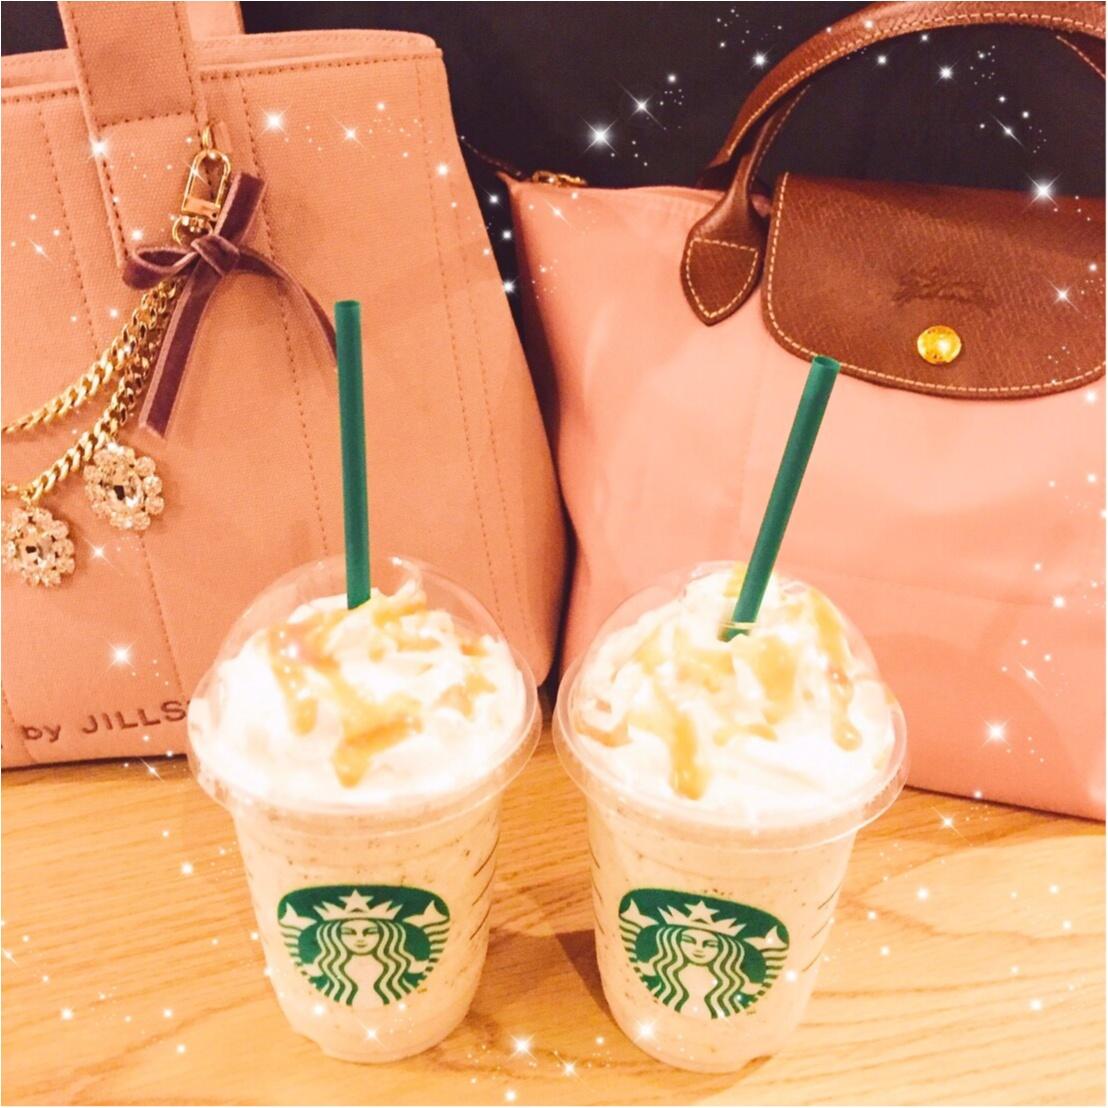 【スタバ】ほうじ茶クリームフラペチーノはどこか懐かしい◯◯の味がする♡♡_4